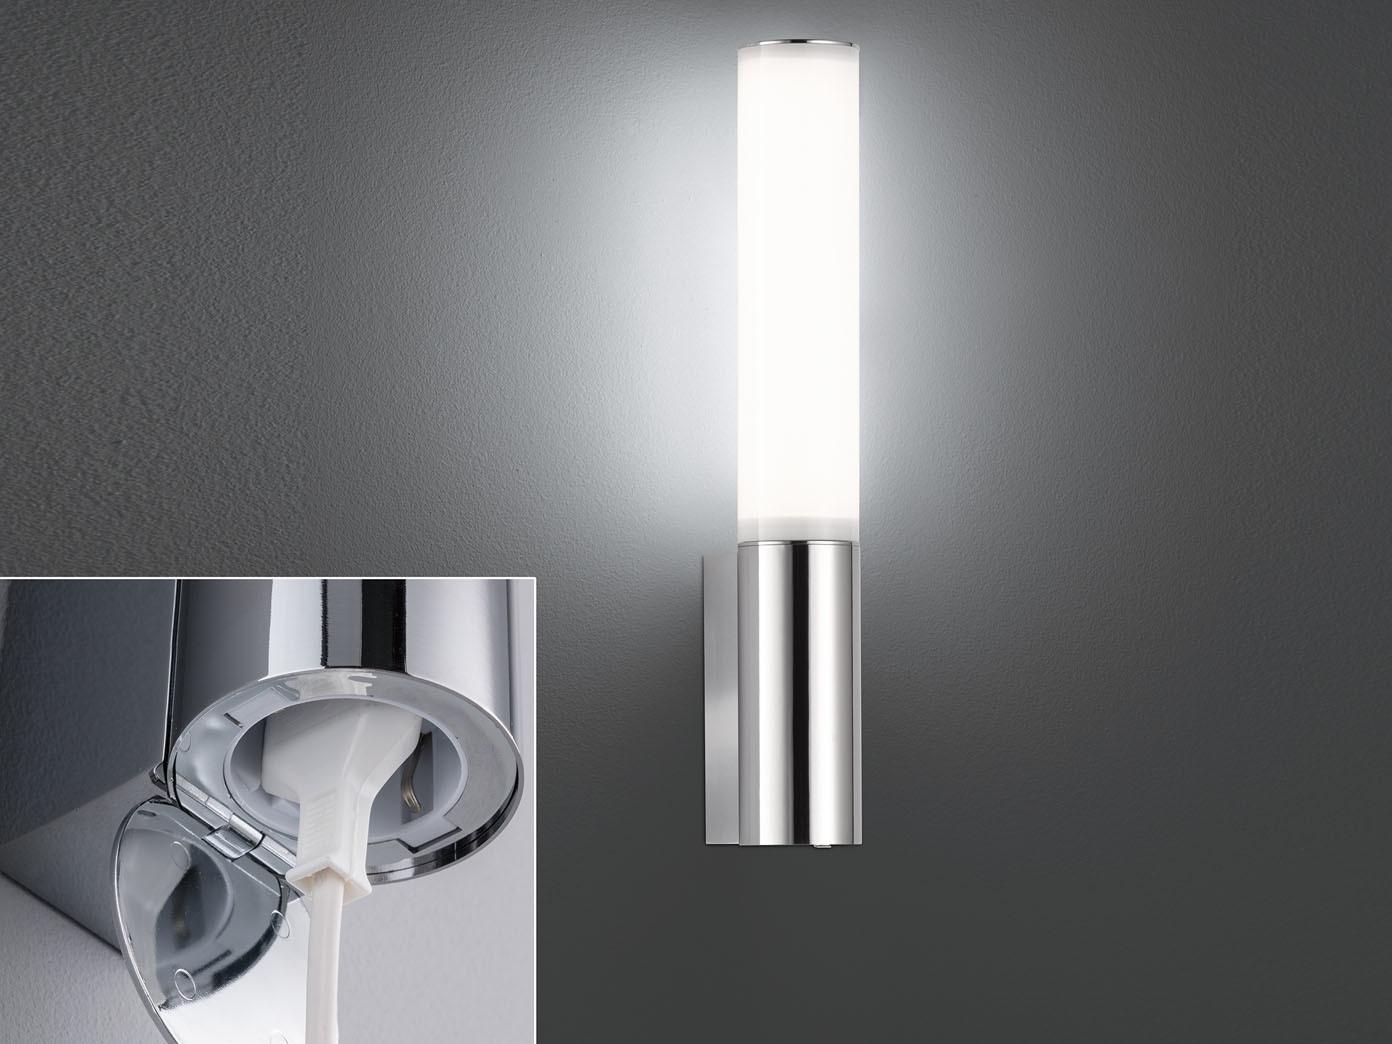 LED Wandlampe 16cm mit Steckdose fürs Bad - Spiegelleuchte & Badlampe  Badspiegel